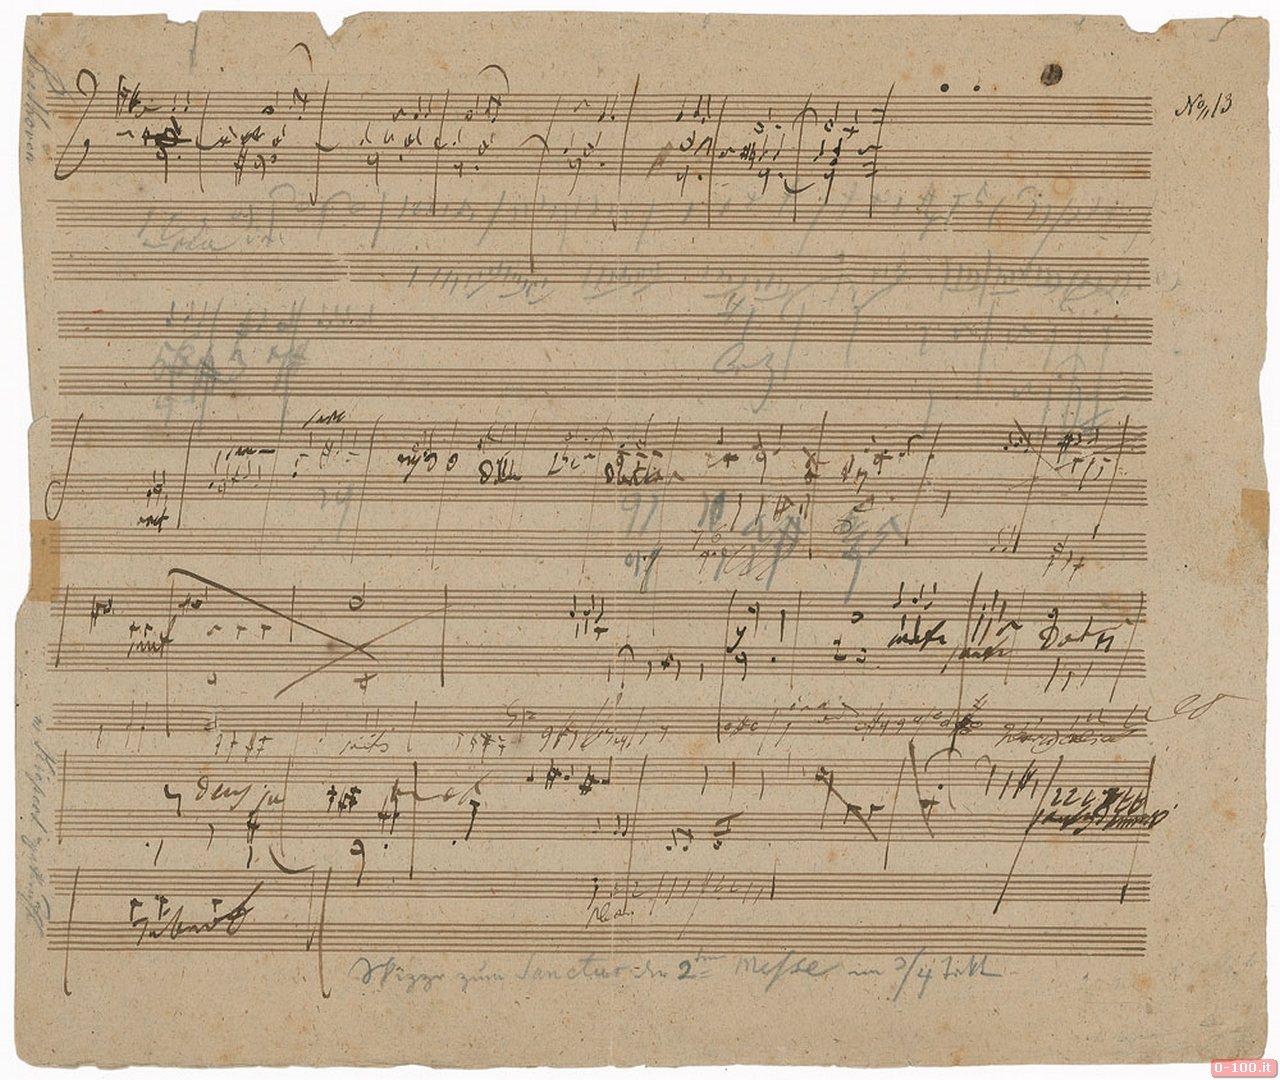 allasta-da-rr-action-un-raro-e-straordinario-manoscritto-di-ludwig-van-beethoven-0-100_1